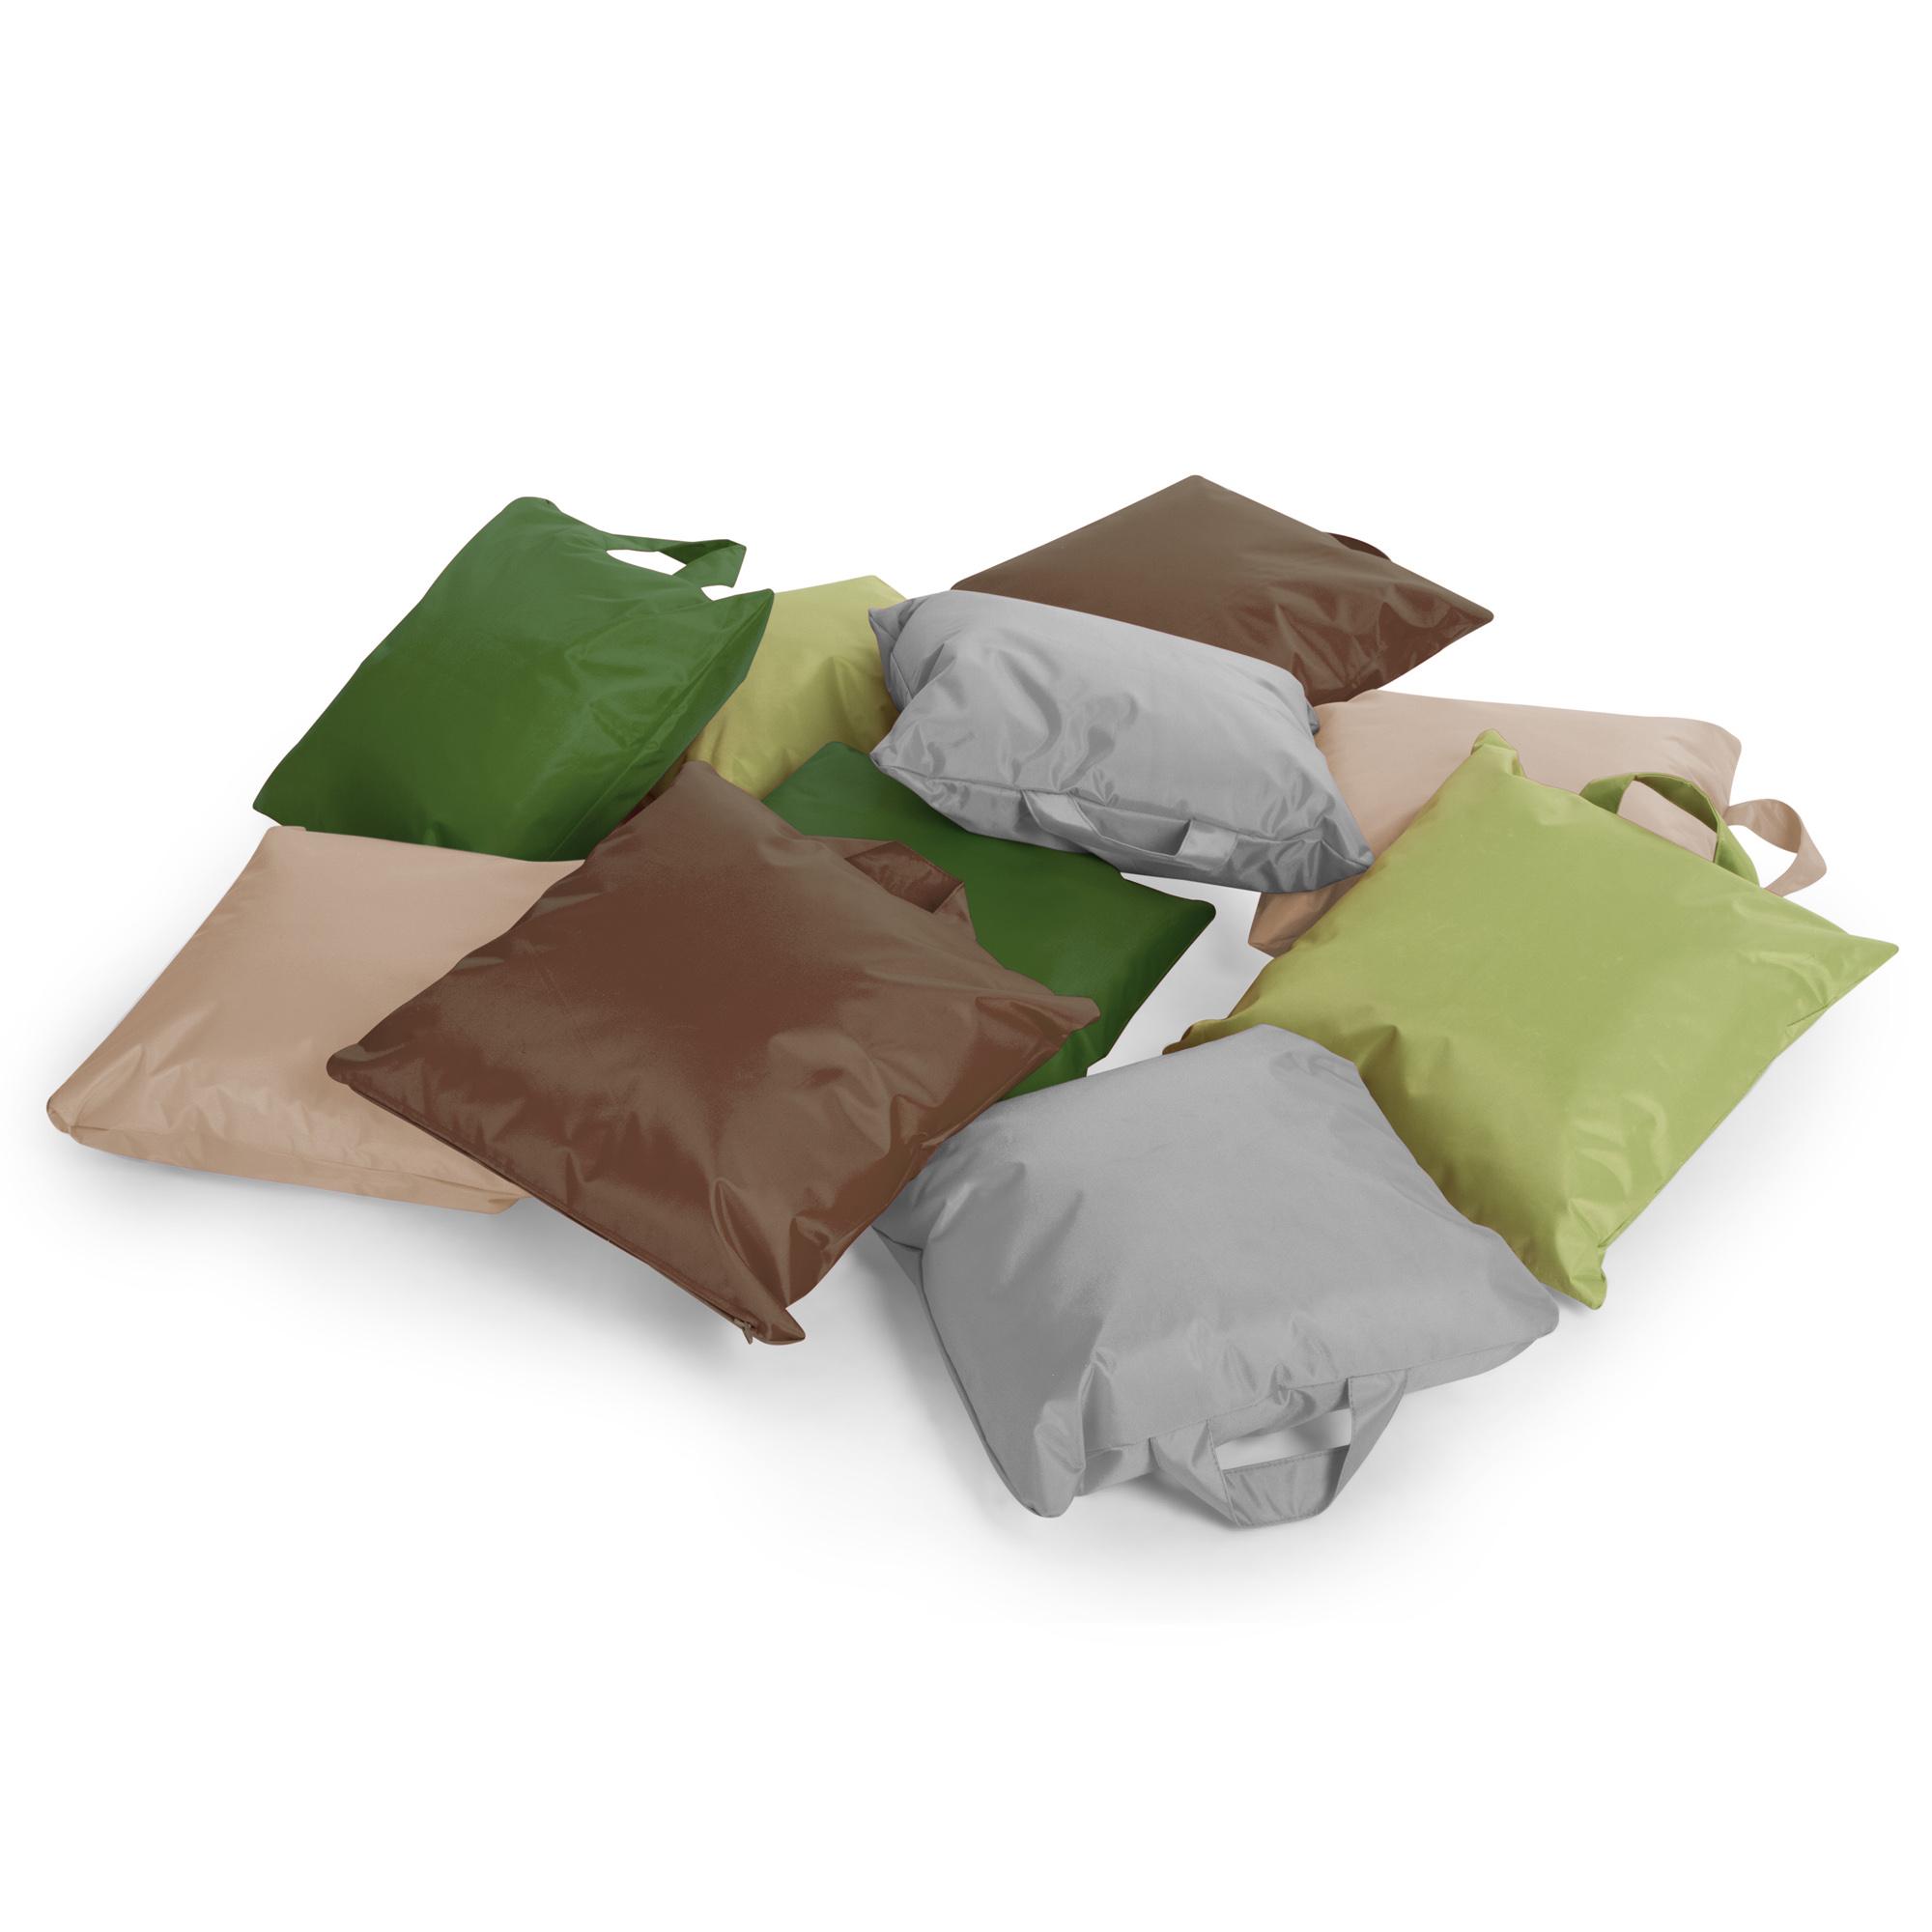 Eden-Cushions-Naturals-300dpi-4